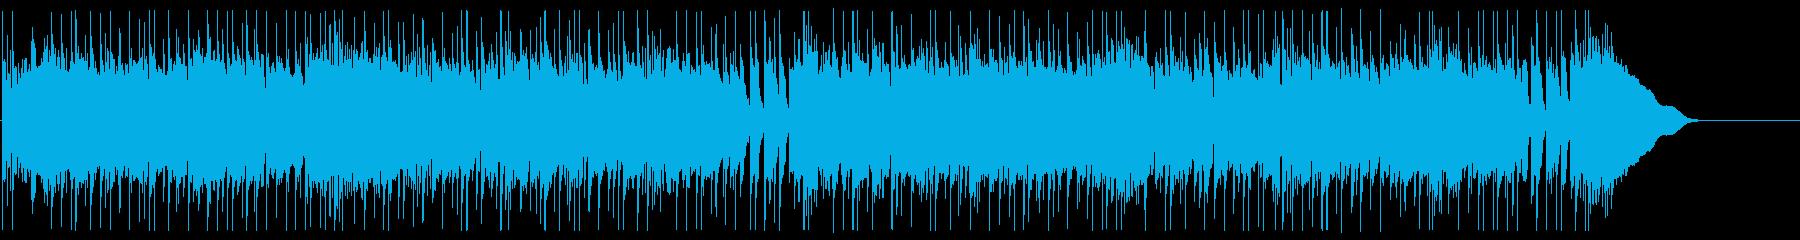 ドラムとベースのみ・ロック系ビートの再生済みの波形